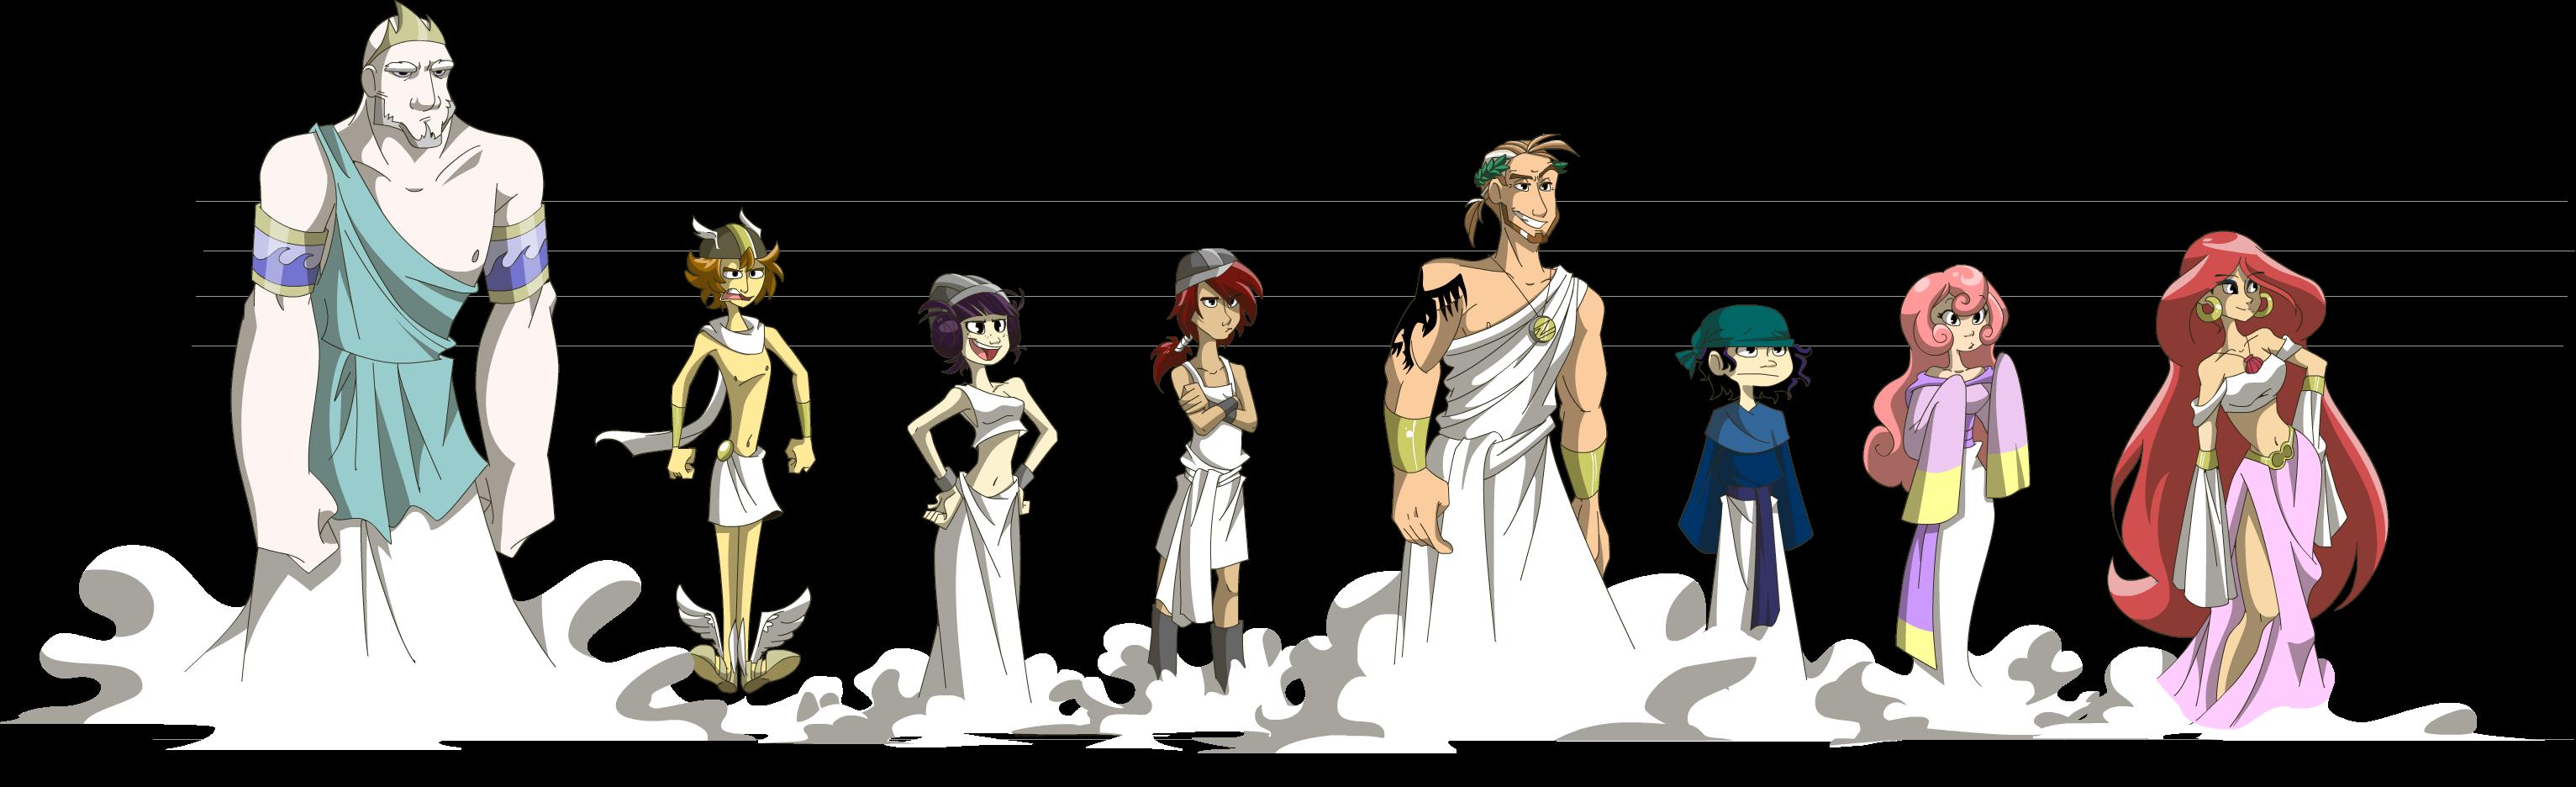 modern day hero vs greek hero